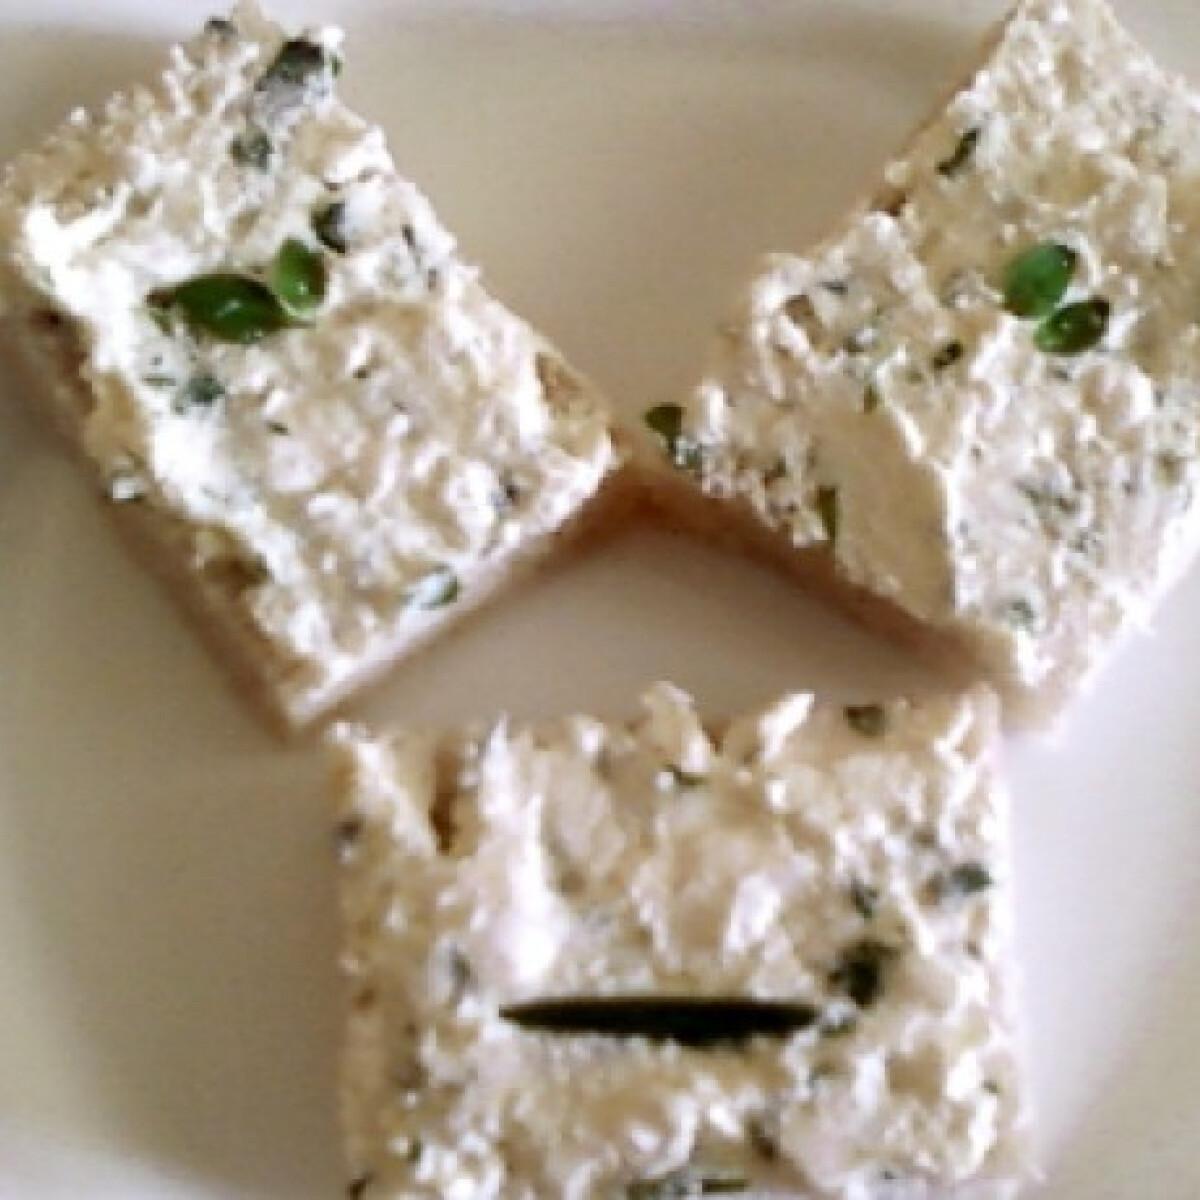 Ezen a képen: Zöldfűszeres sajtkrém